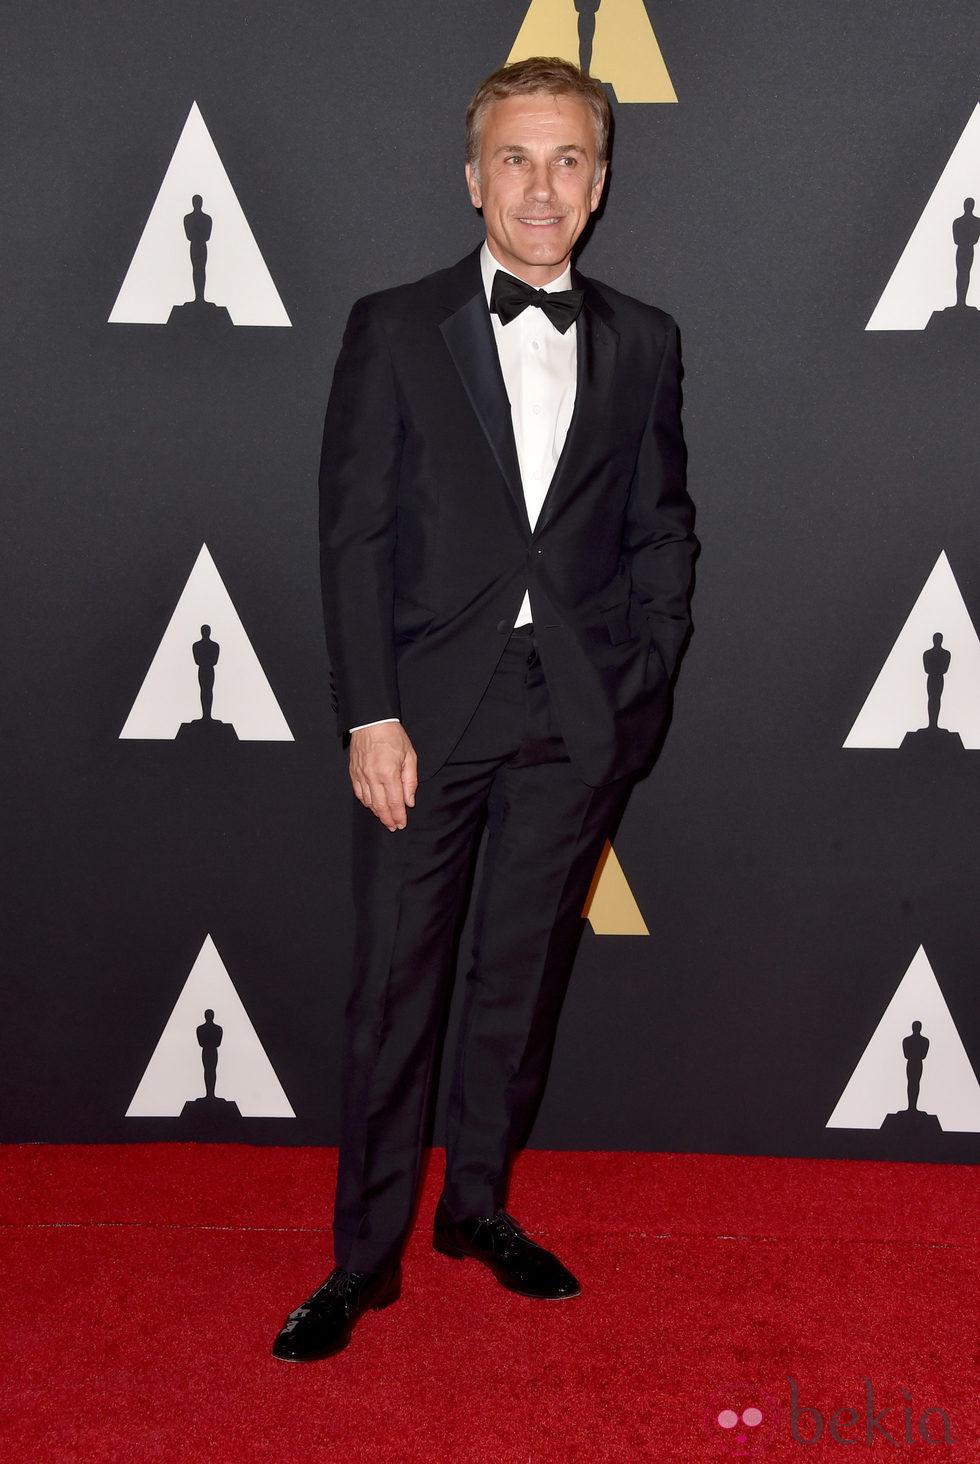 Christoph Waltz en los 'Premios Governors' 2014